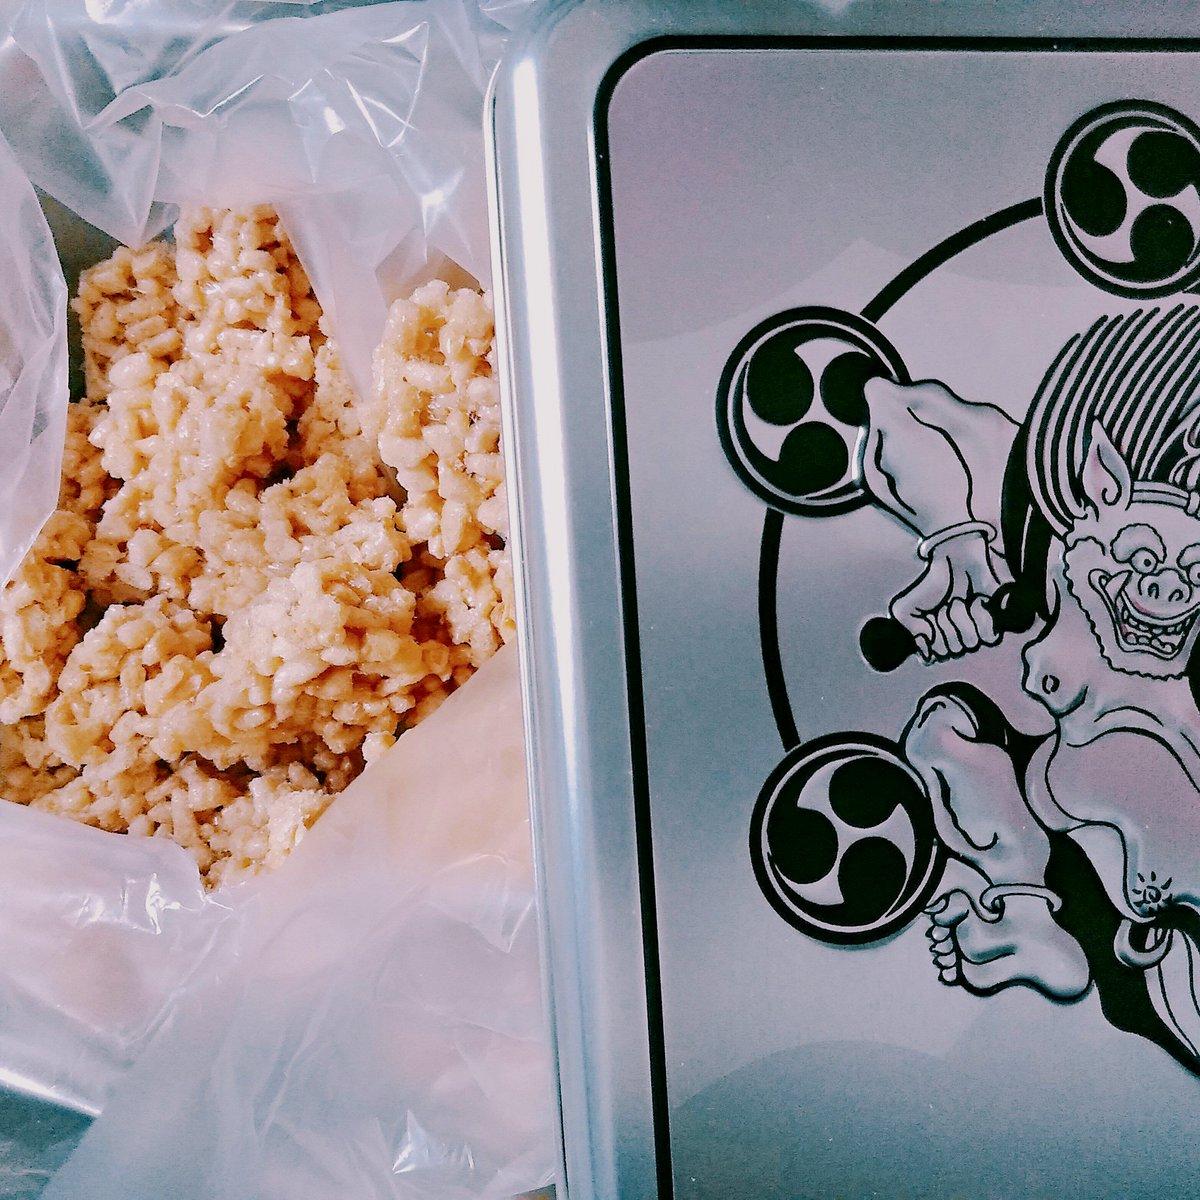 test ツイッターメディア - あずささん@azusaf4とパンケーキ食べてきた!あと思いつきで雷おこし作りもしてきたー!美味しいし時間外だったのにご厚意でやらせてもらえたし楽しくよい一日でした。雷おこし作りおすすめ… https://t.co/xt5tO3peK6